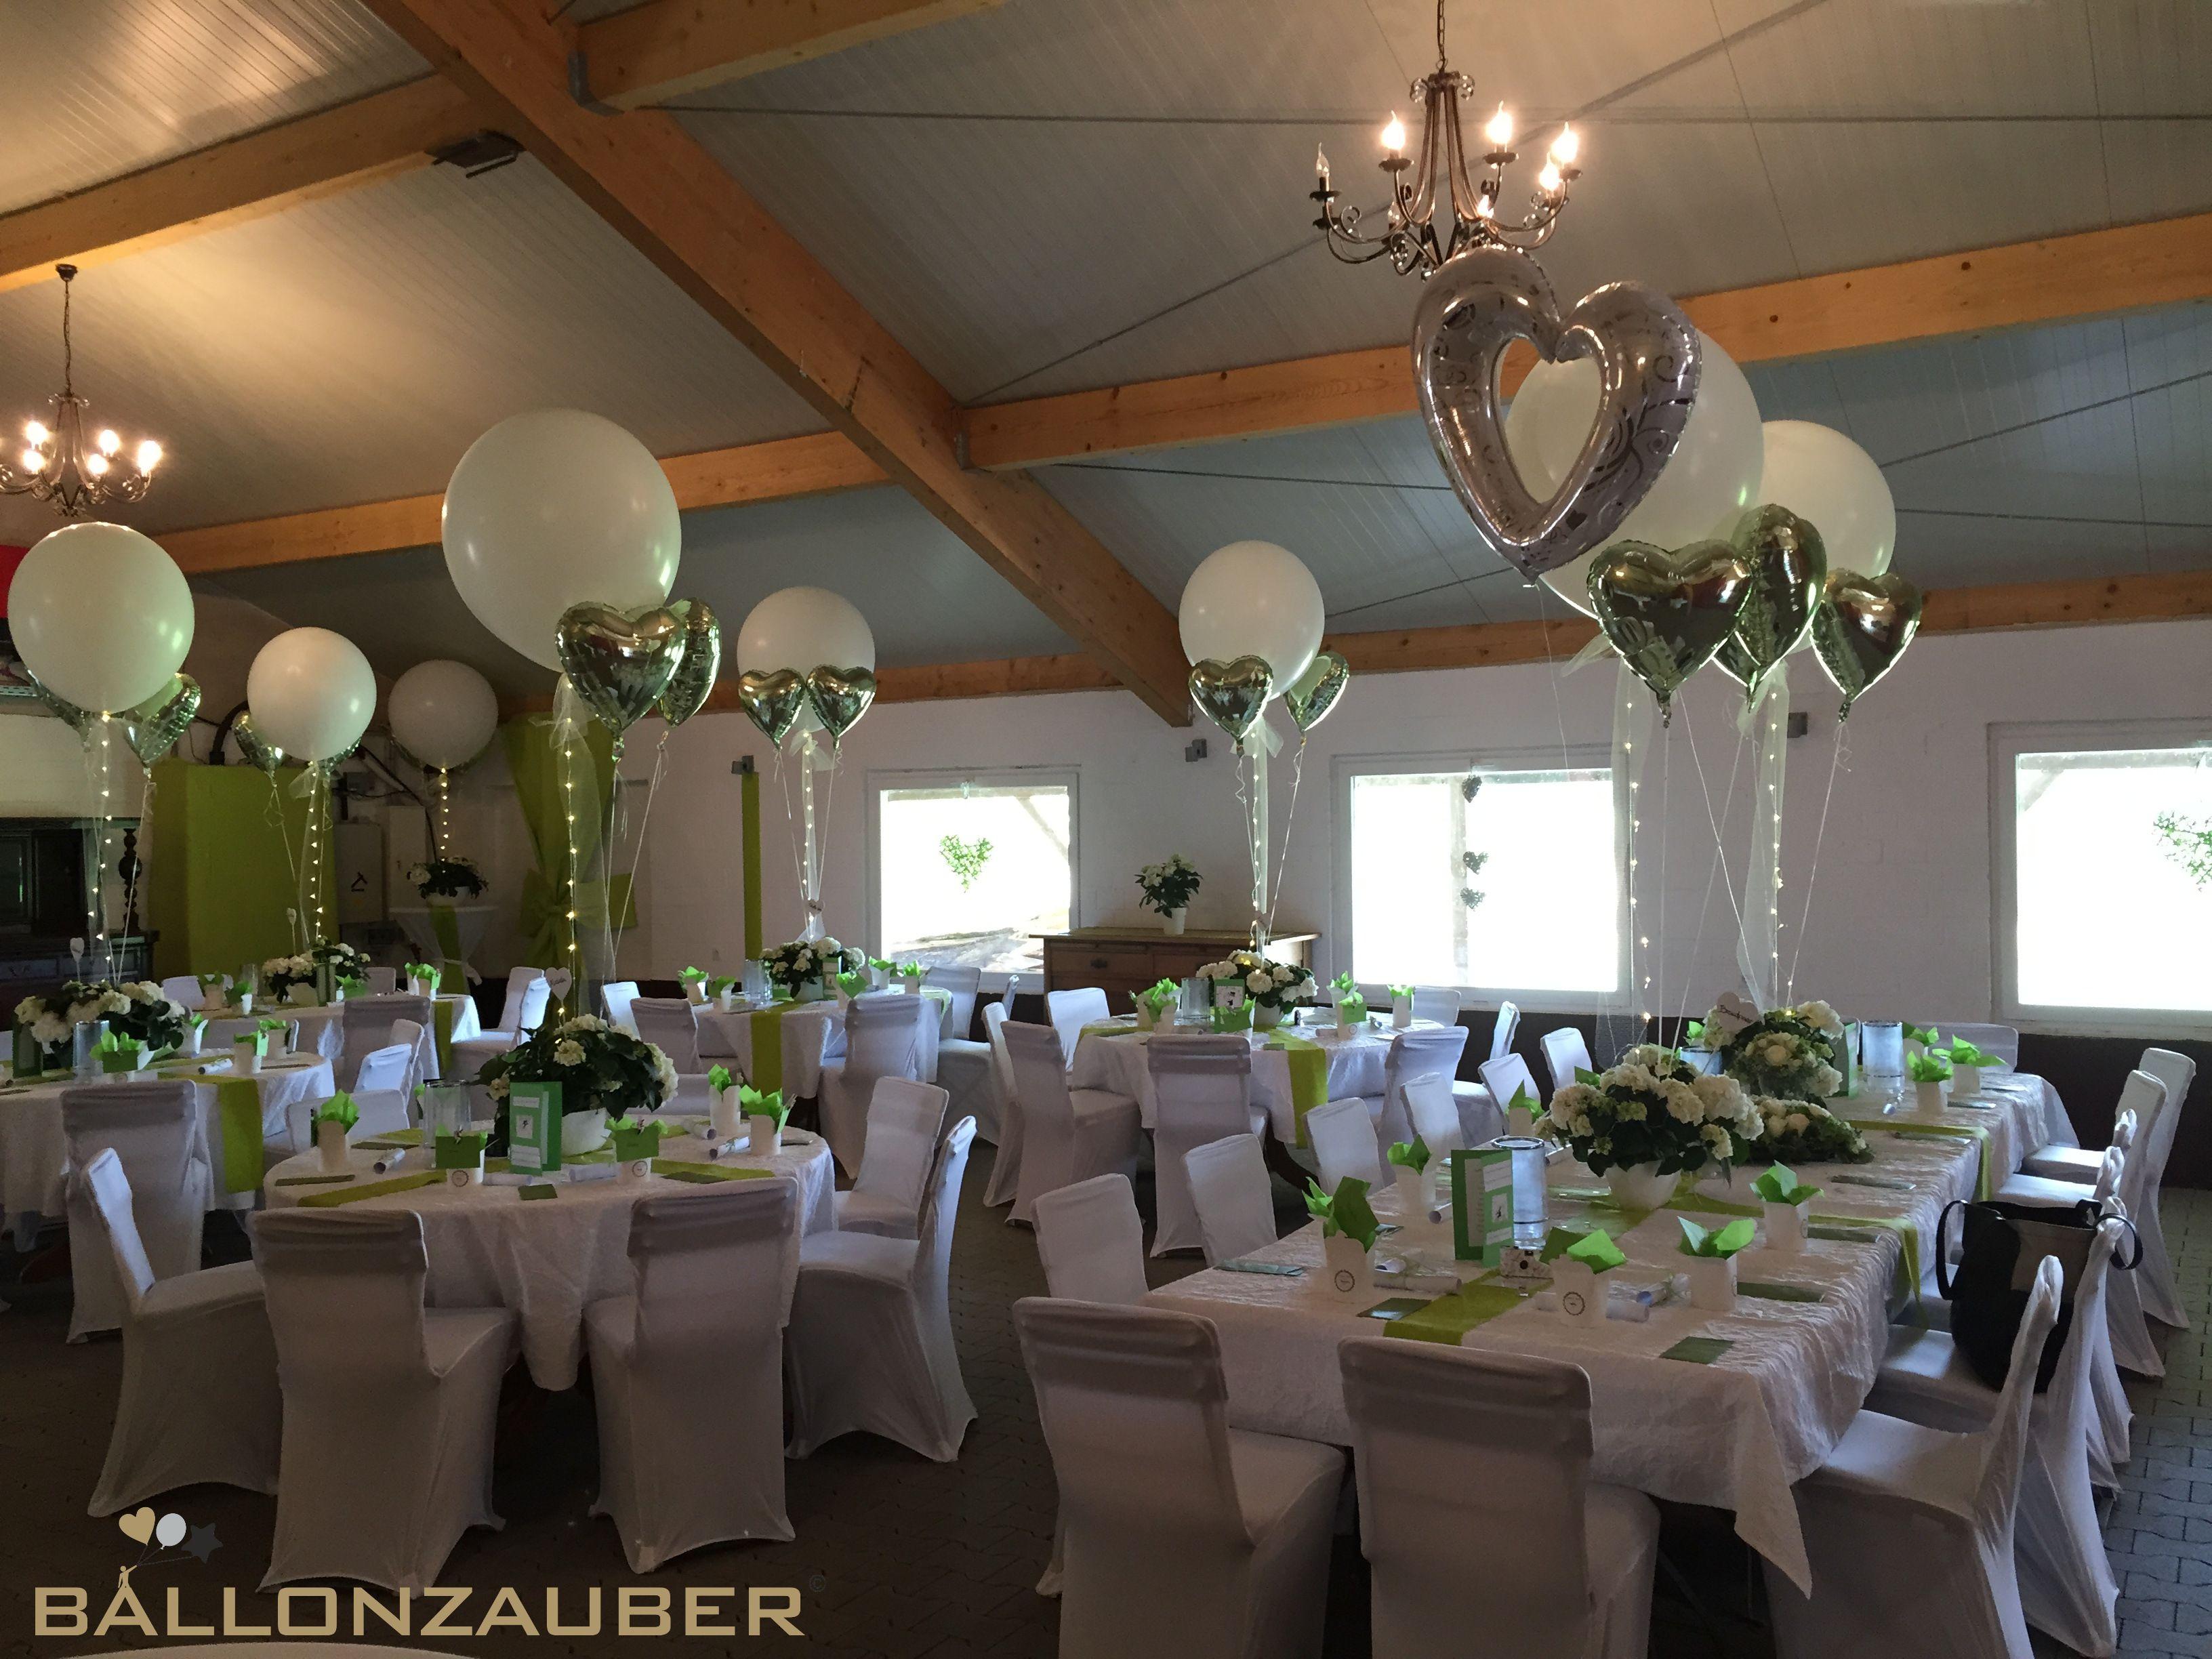 Effektvolle Hochzeitsdekoration Mit Riesenballons Silbernen Herz Ballons Und Led Lichtern Bal Ballondekorationen Luftballons Hochzeit Ballon Dekoration